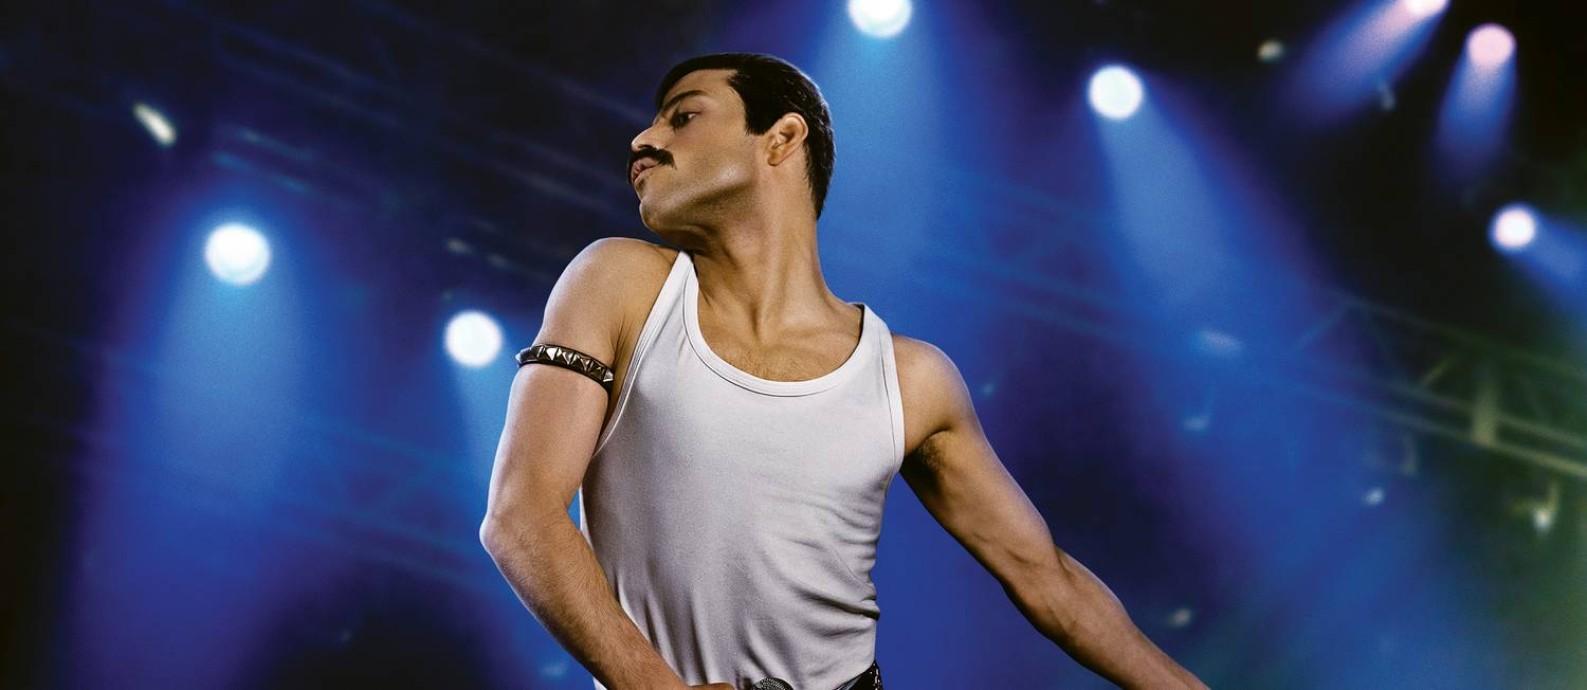 O ator Rami Malek como Freddie Mercury no filme 'Bohemian Rhapsody' Foto: Nick Delaney/Divulgação